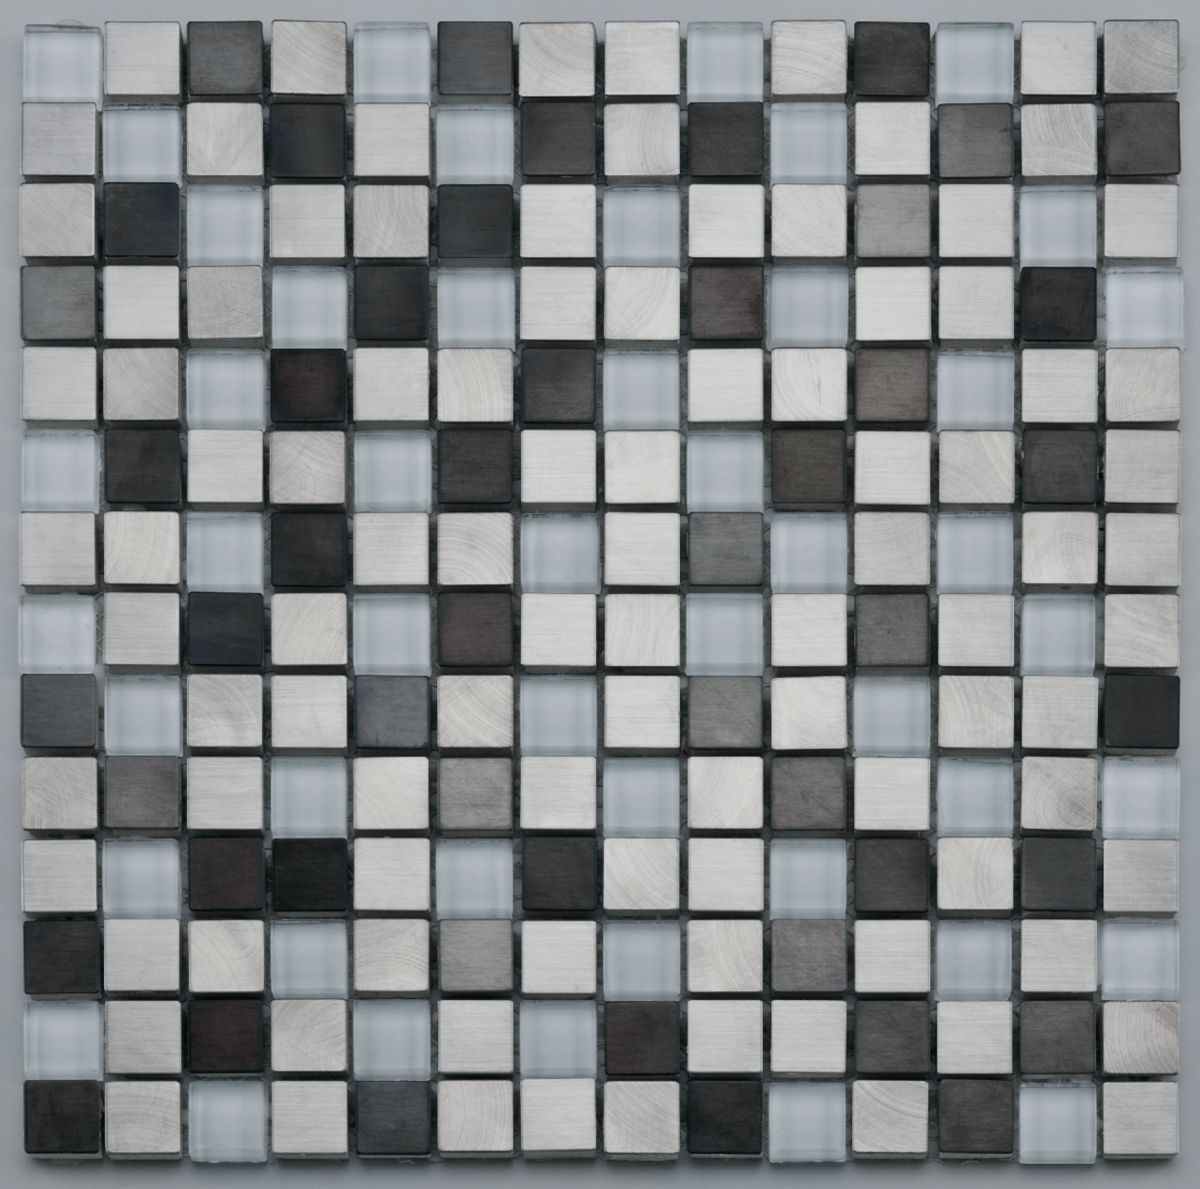 Mosaïque 30,5x30,5 cm pâte de verre et métal - Pixel White Metal Mix - tesselles 1,9x1,9 cm